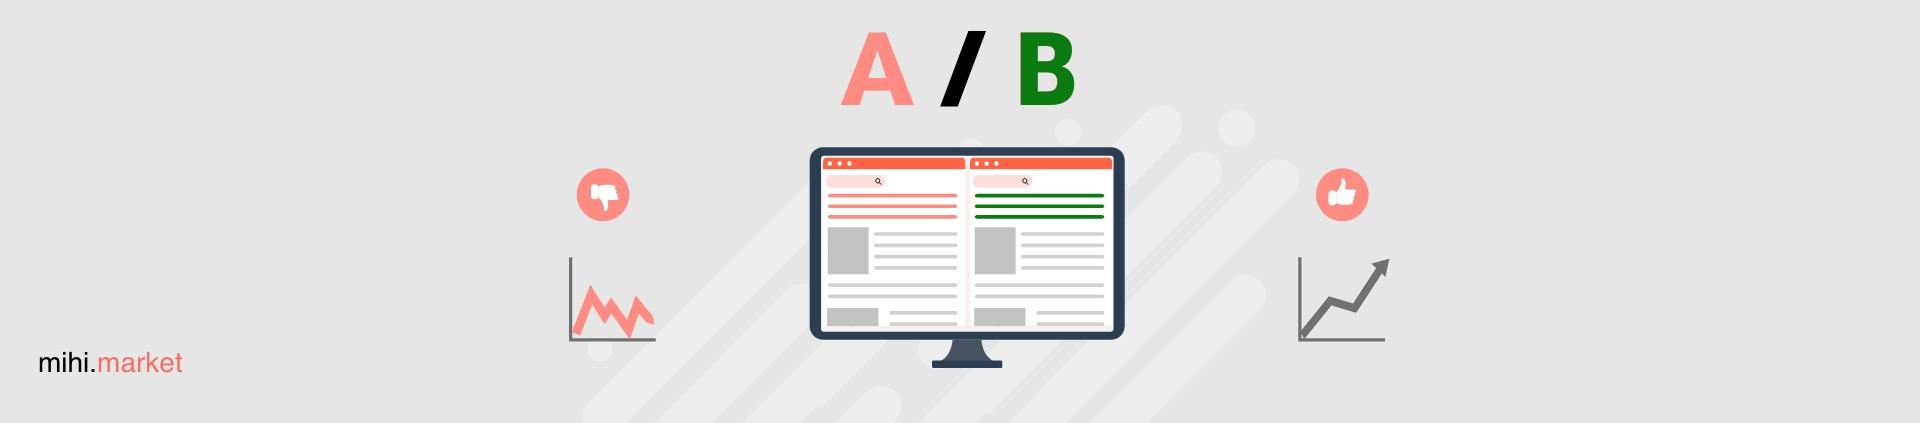 מבחן AB - איך עושים את זה נכון